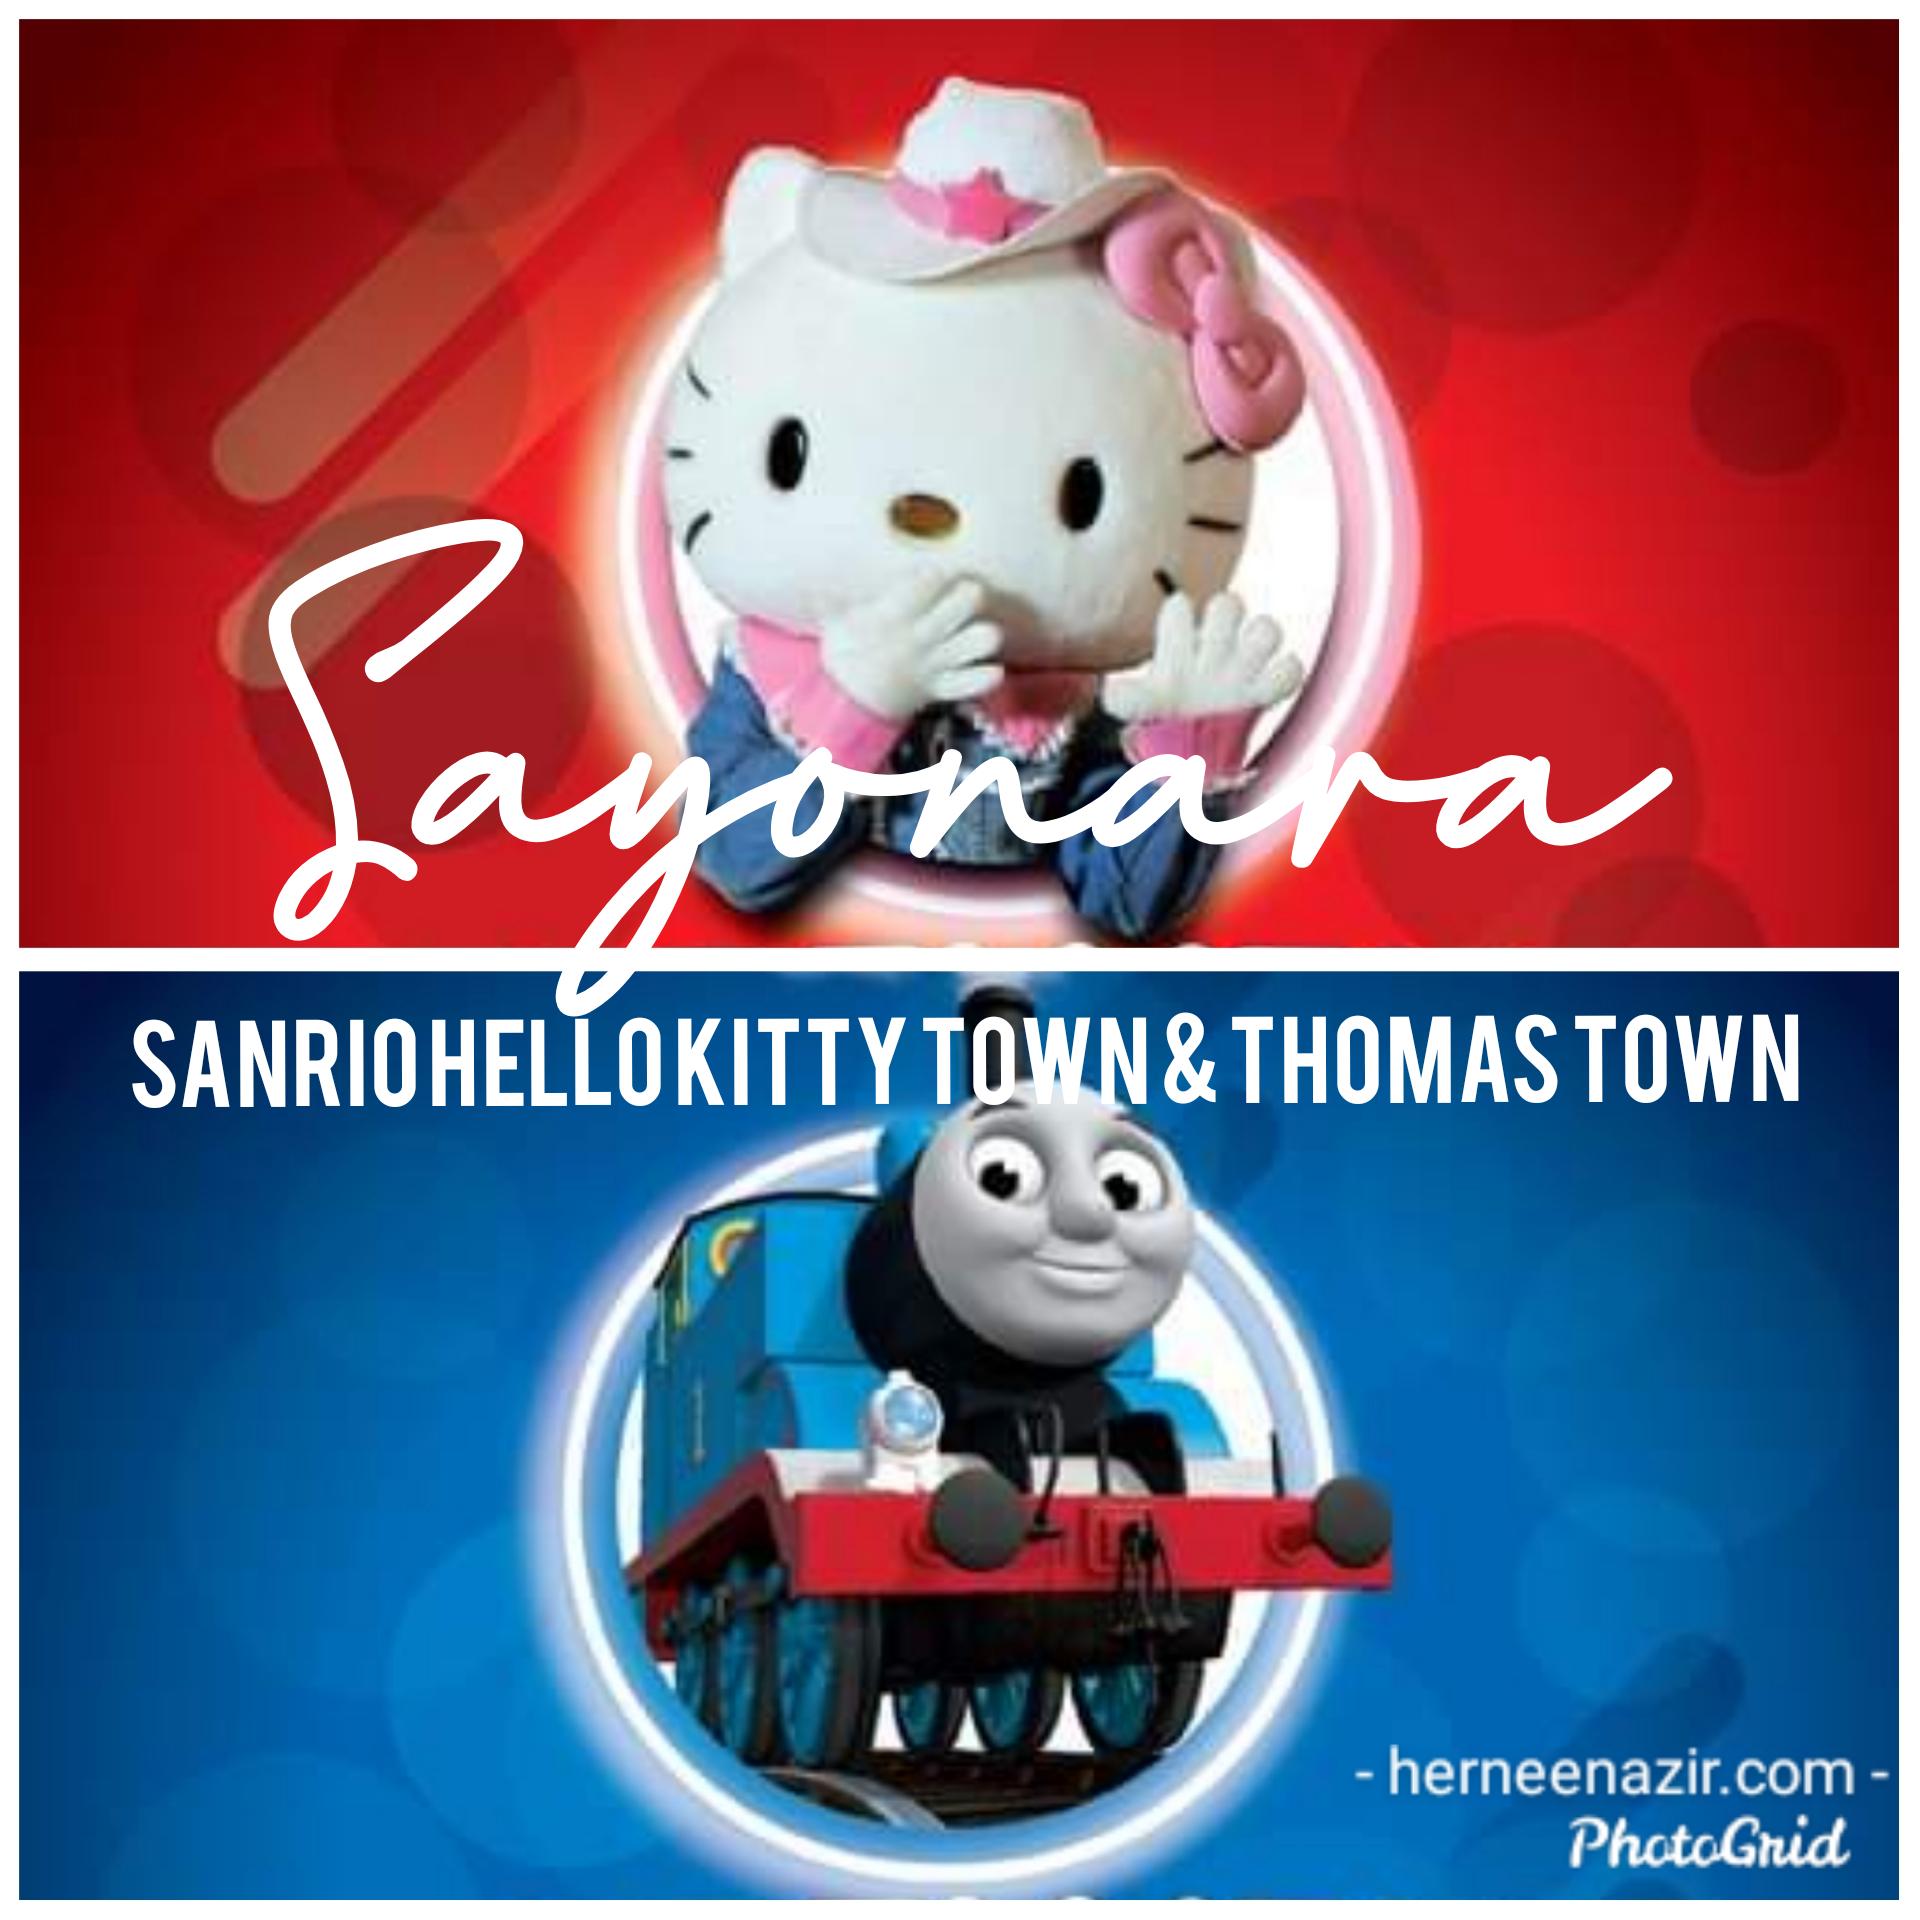 Pengumuman Rasmi Penutupan Sanrio Hello Kitty Town & Thomas Town Puteri Harbour.. Sayonara!